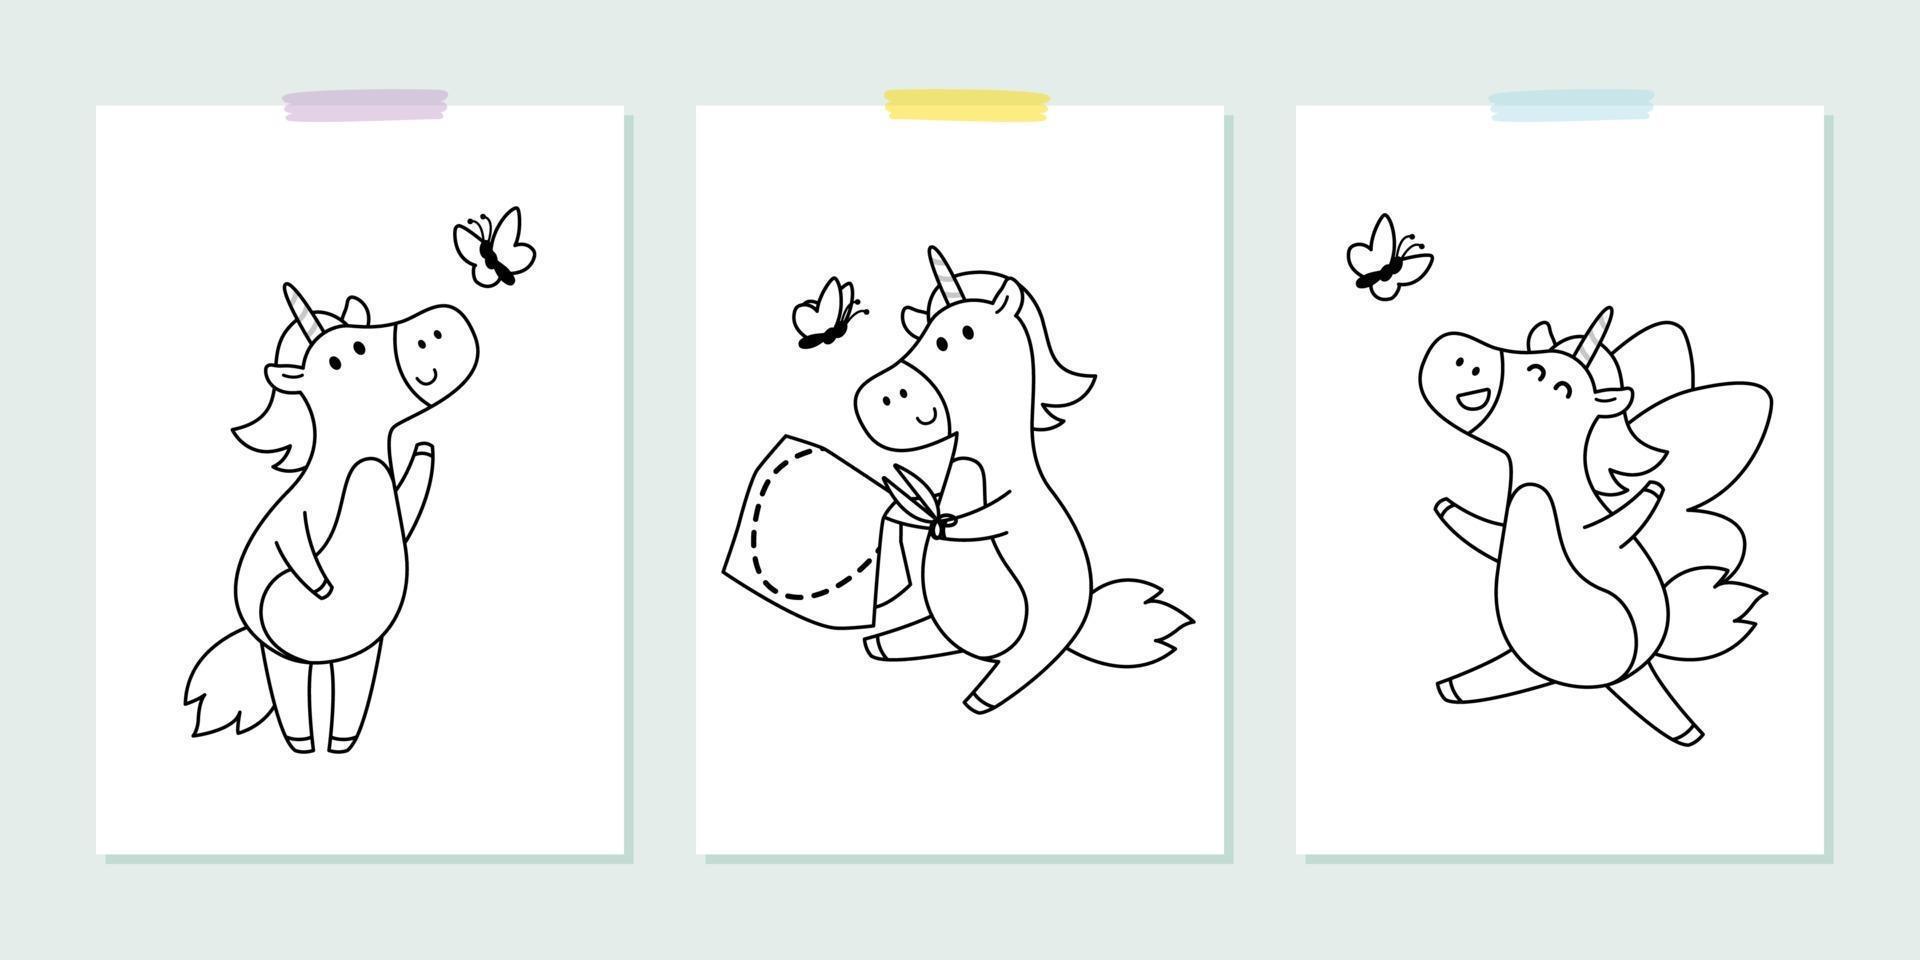 vettore impostato con graziosi unicorni con farfalla in stile infantile. illustrazione vettoriale per libro da colorare. contorno immagine in bianco e nero per i bambini.